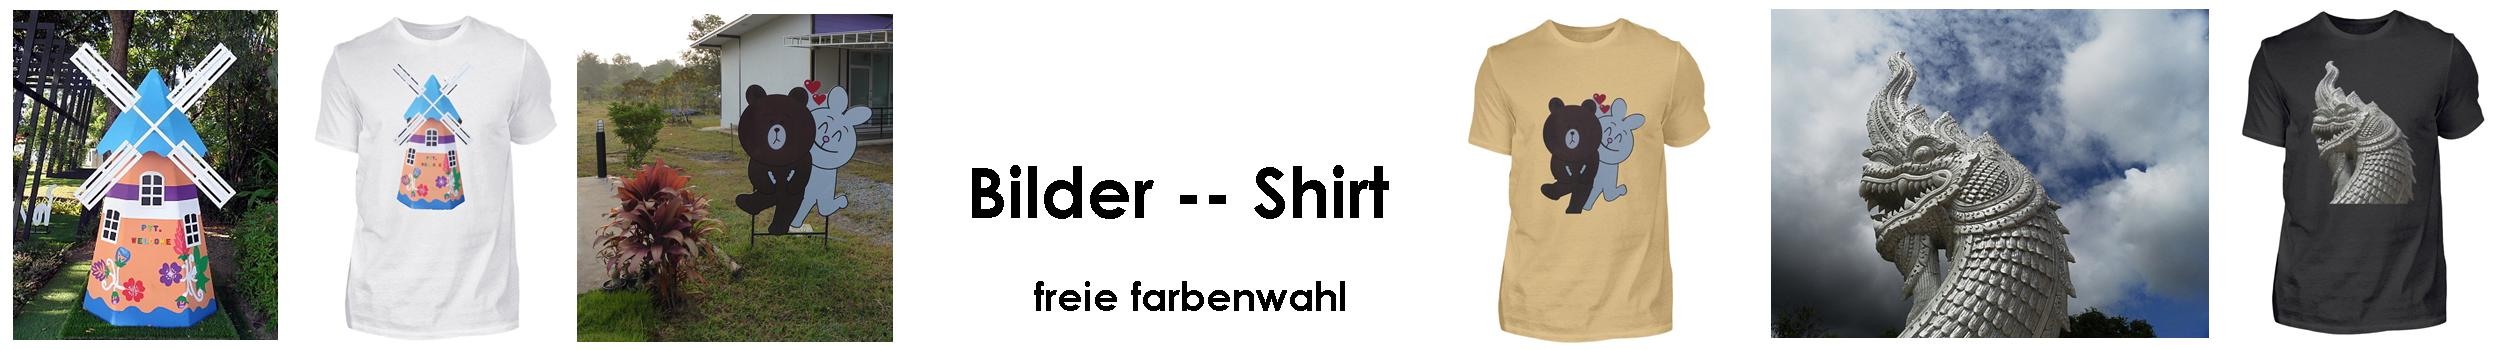 Bildershirt